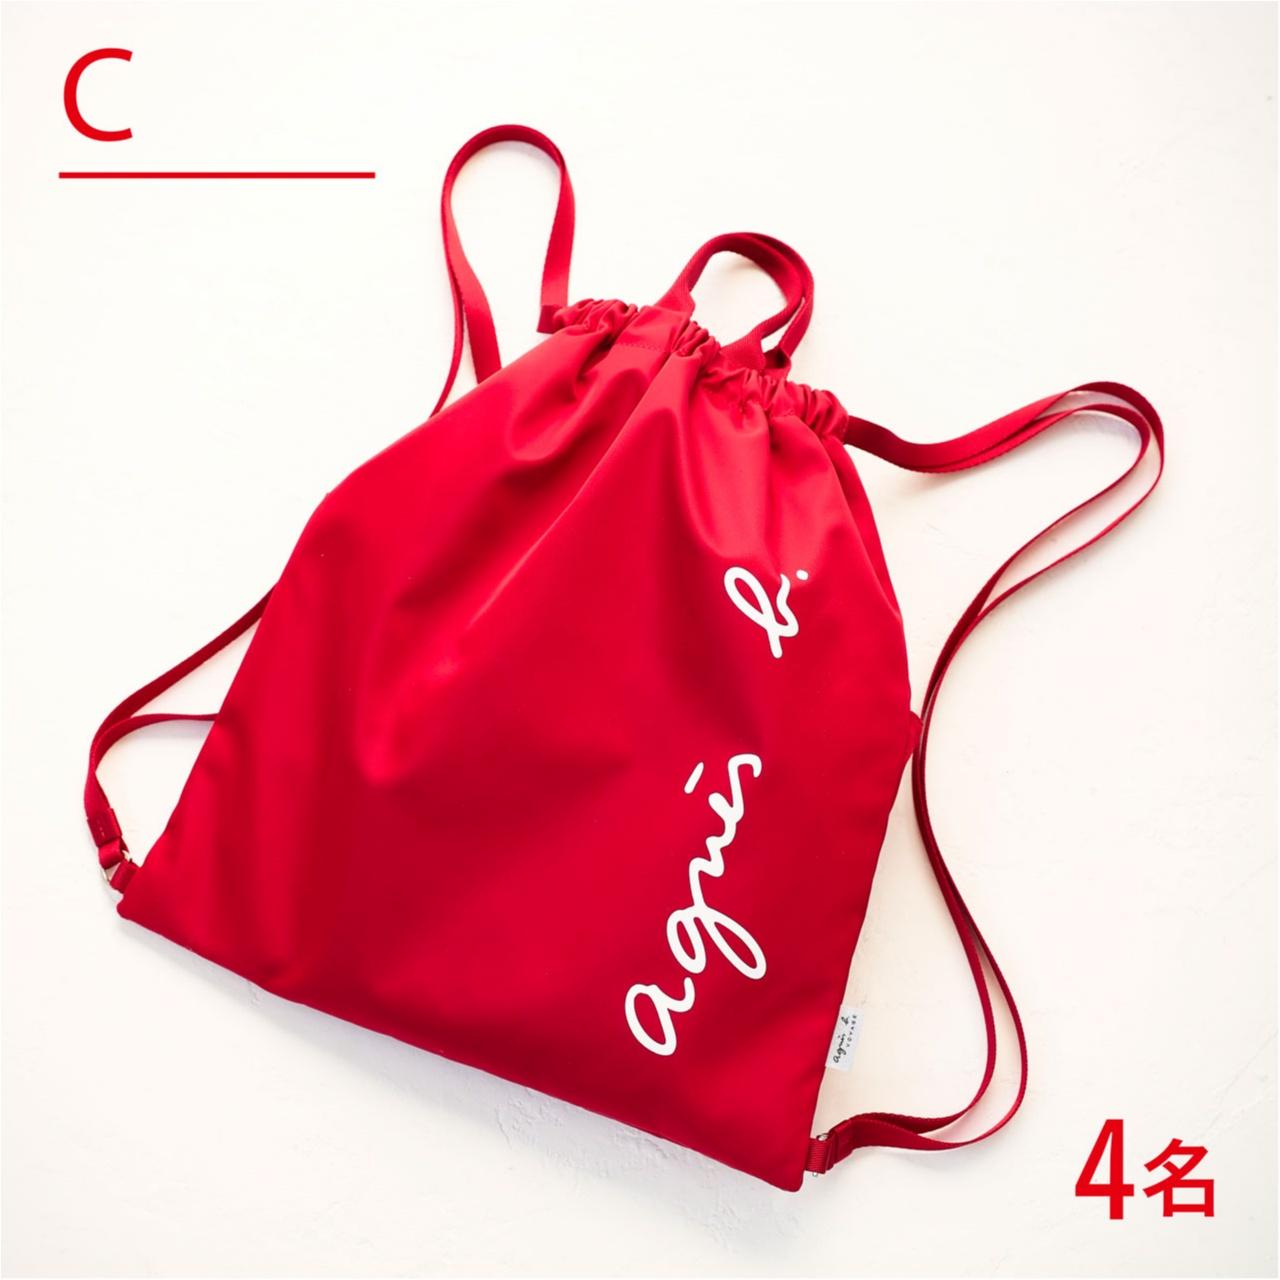 【創刊40周年記念プレゼント 第2弾】「アニエスベー ボヤージュ」の最新バッグ&財布 計40名様にプレゼント!__4